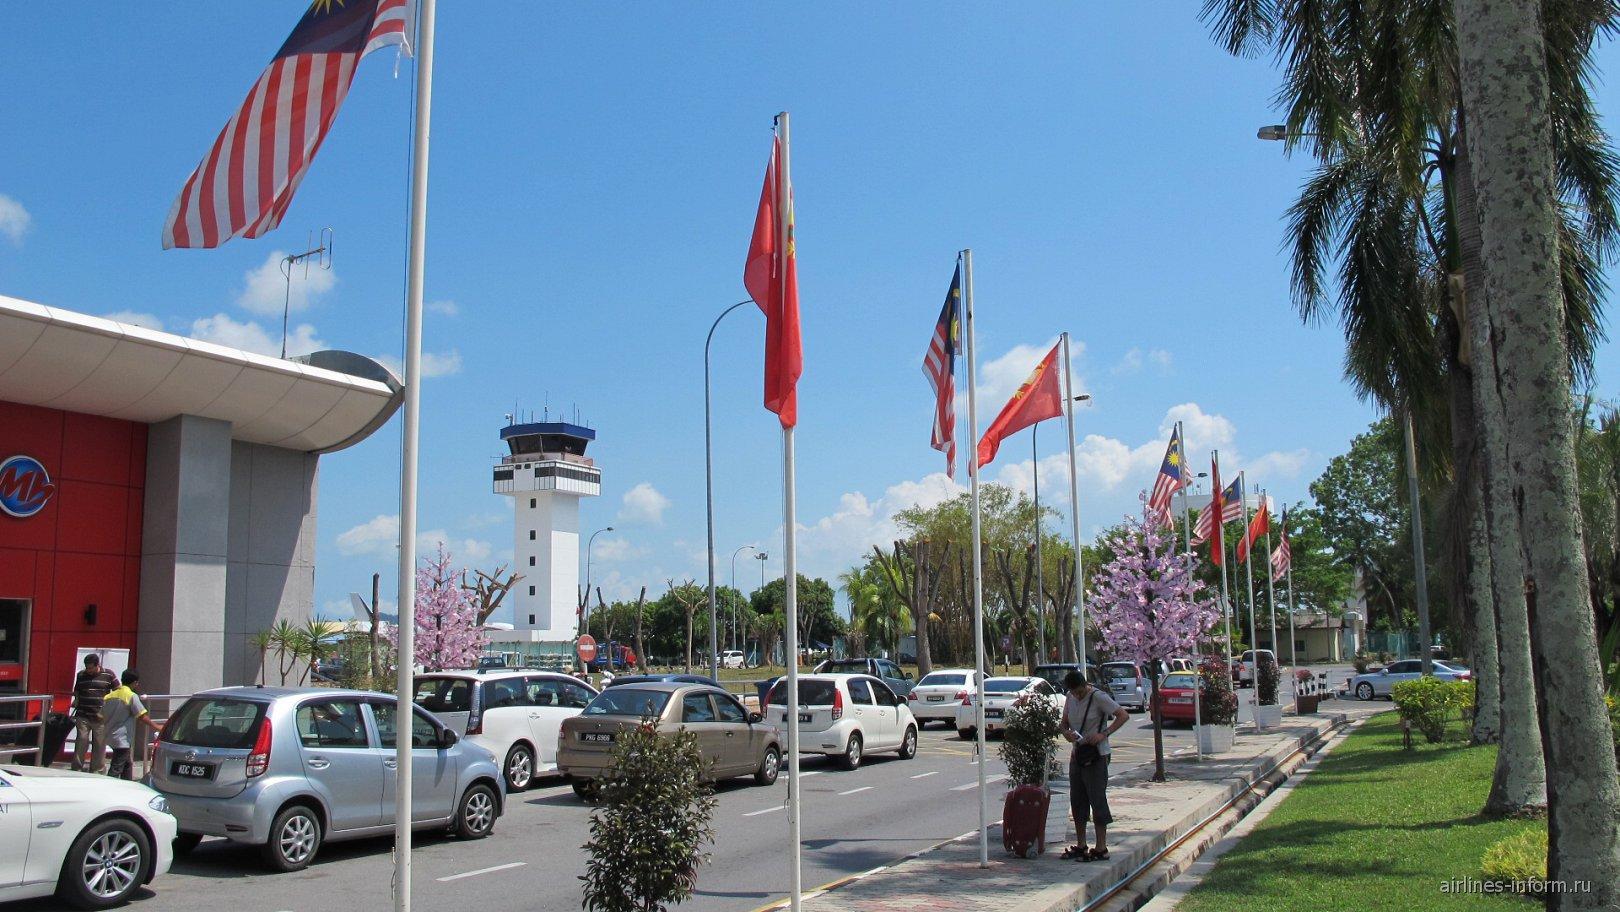 На привокзальной площади аэропорта Лангкави